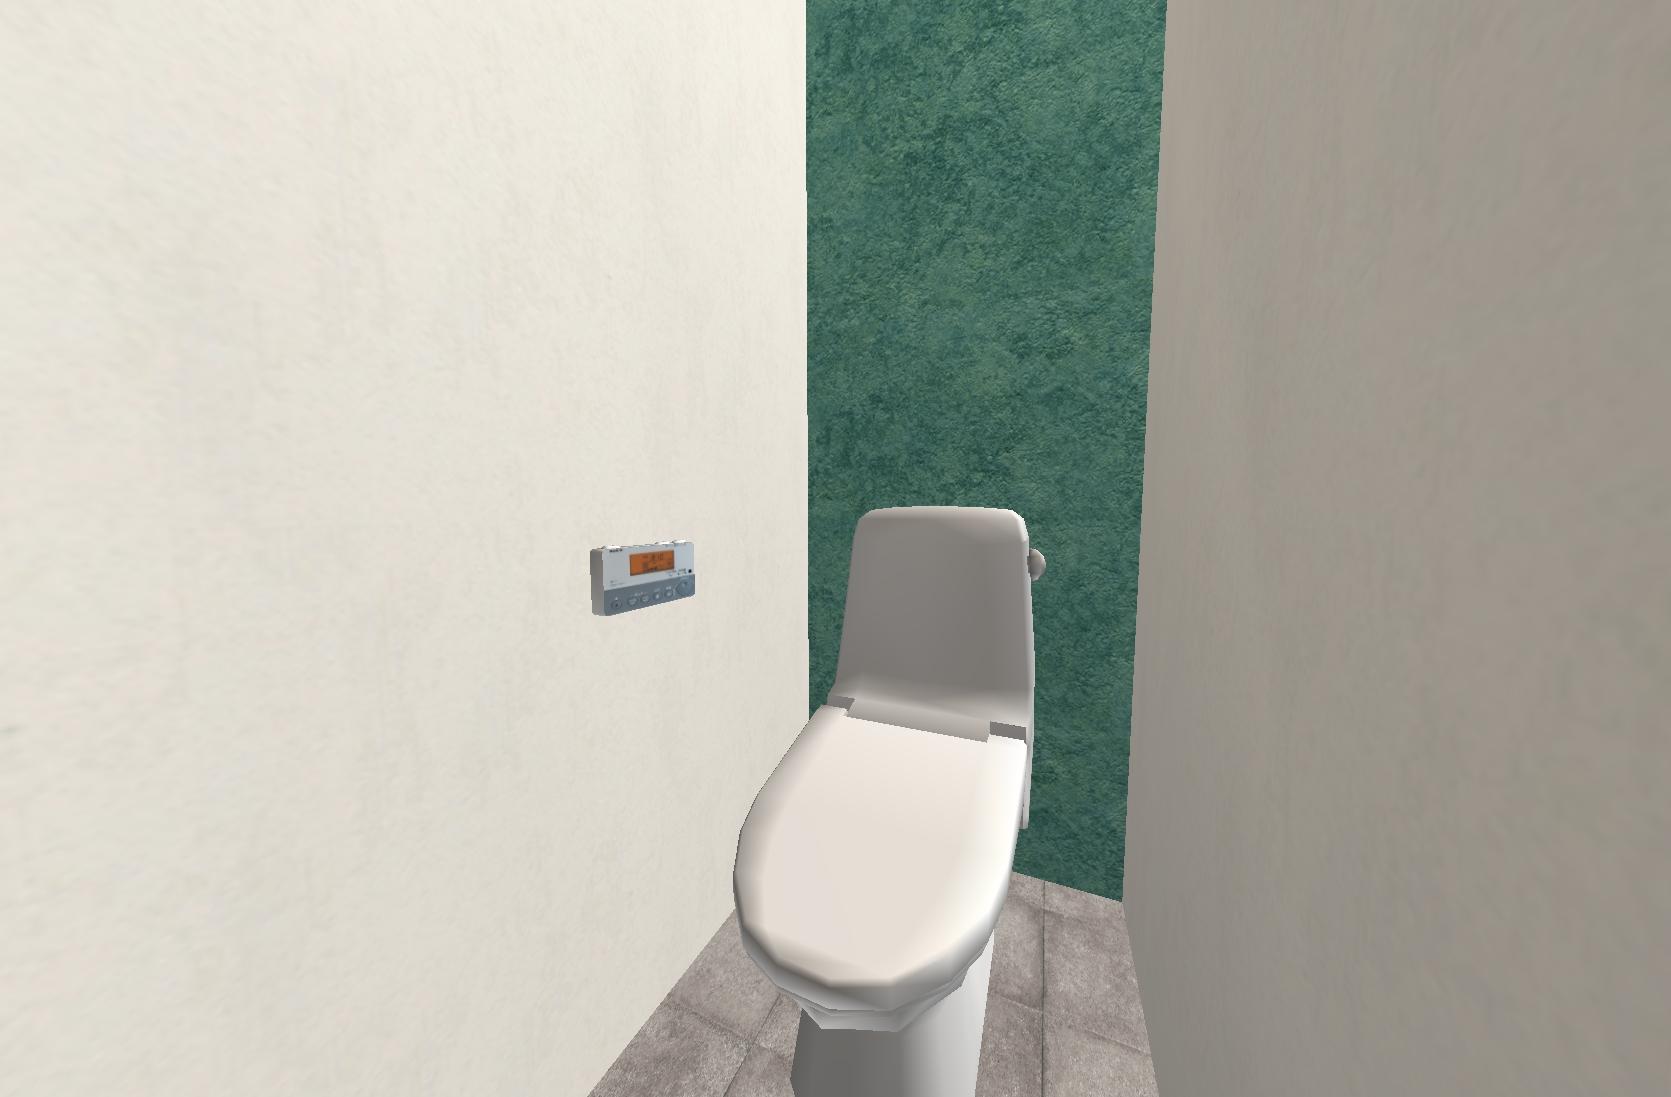 トイレもリビングのアクセントクロスと同じブルーに。石畳風の床ともマッチしています☆